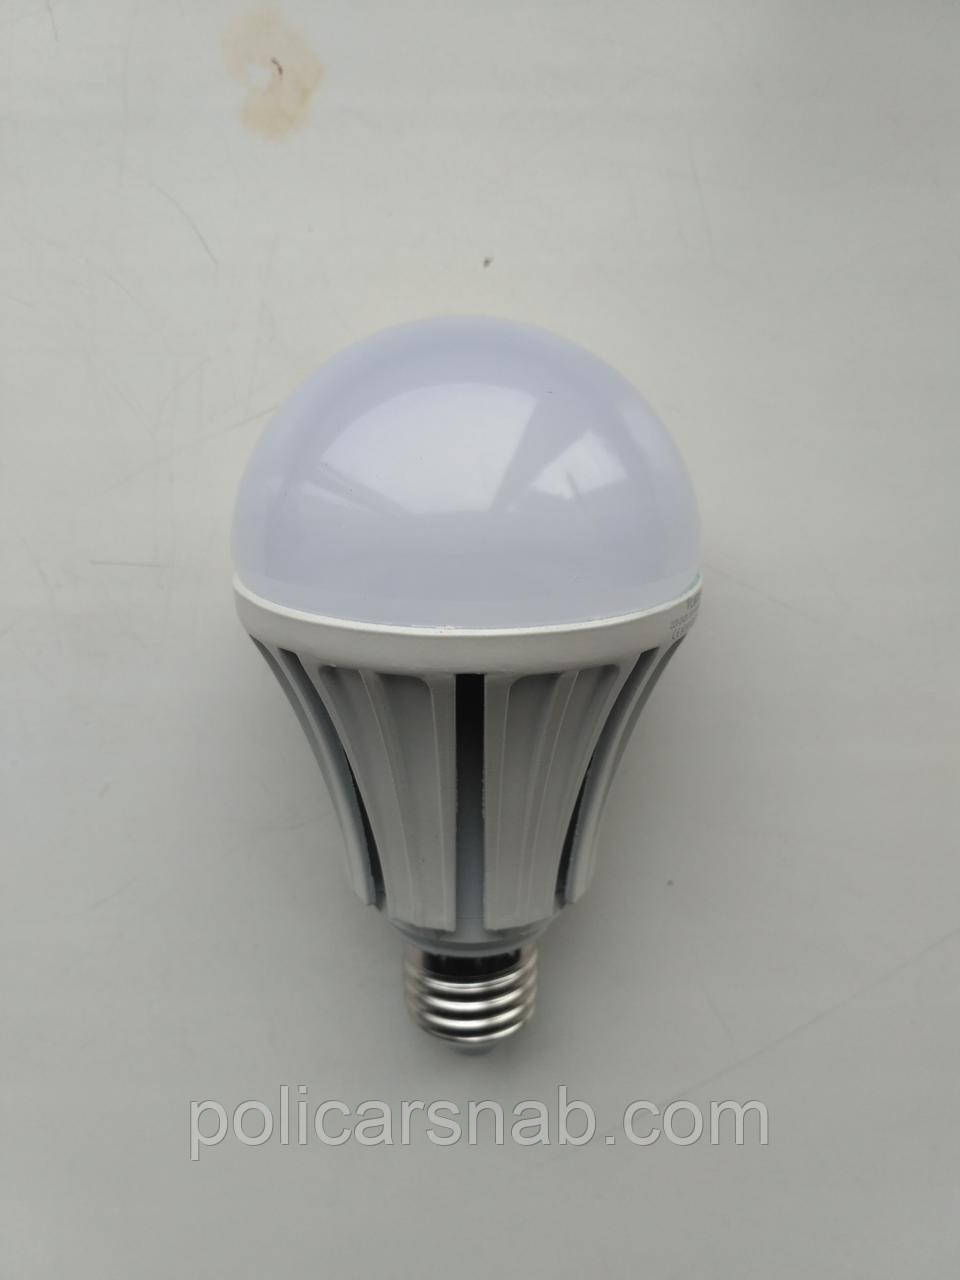 Лампа LED светлодиодная 20W 1800Lm - ТОВ «ПОЛІКАРСНАБ» в Житомире